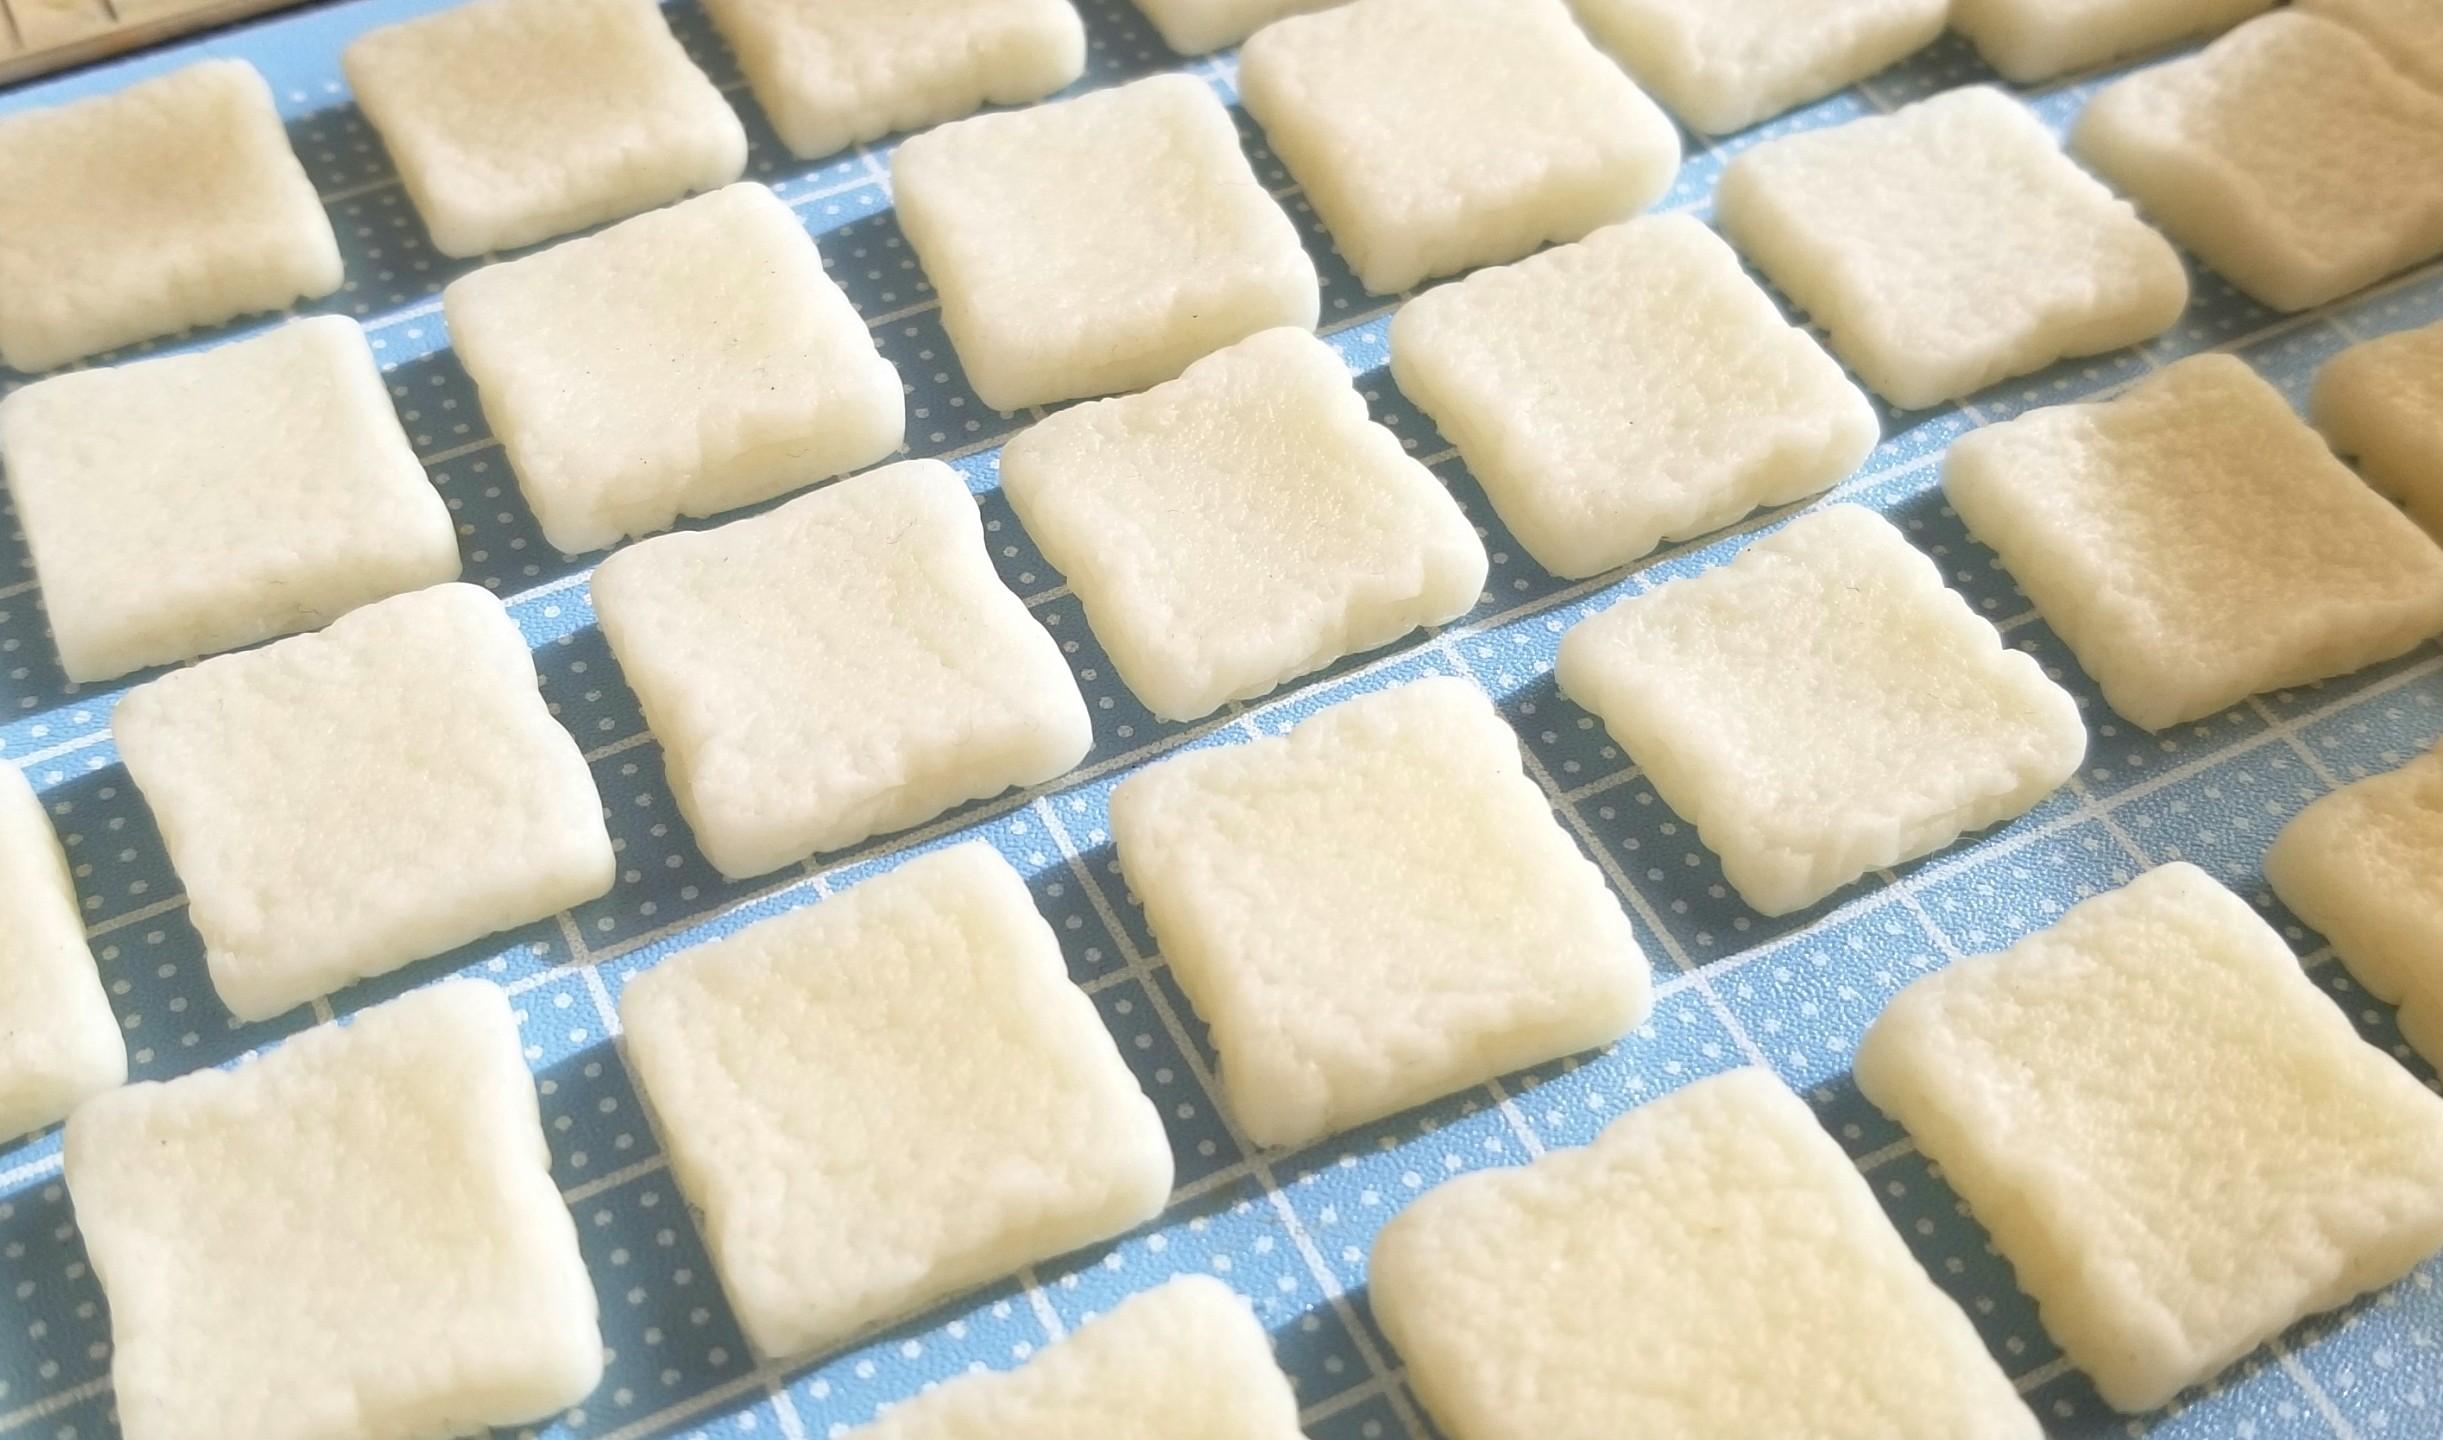 ミニチュア,食パン,トースト,作り方,樹脂粘土,フェイクフード,パン